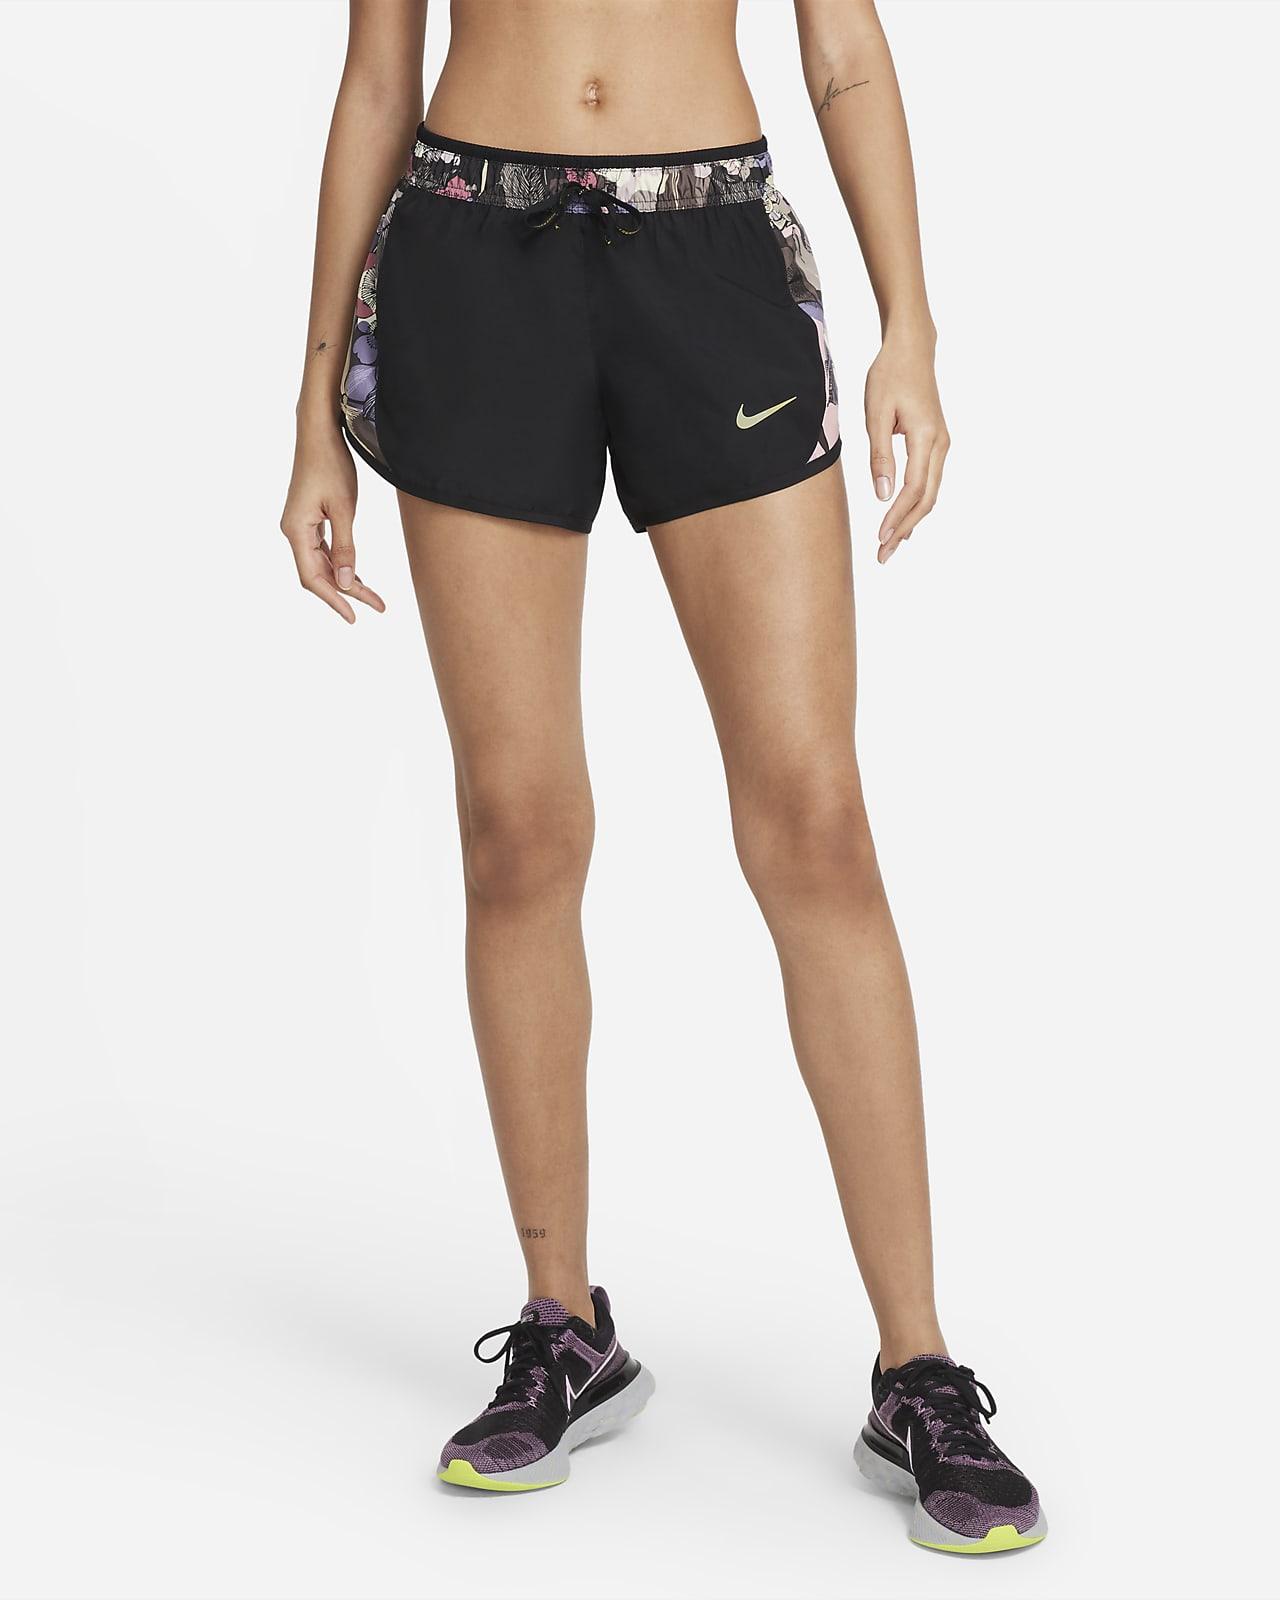 Shorts da running Nike 10K Femme - Donna